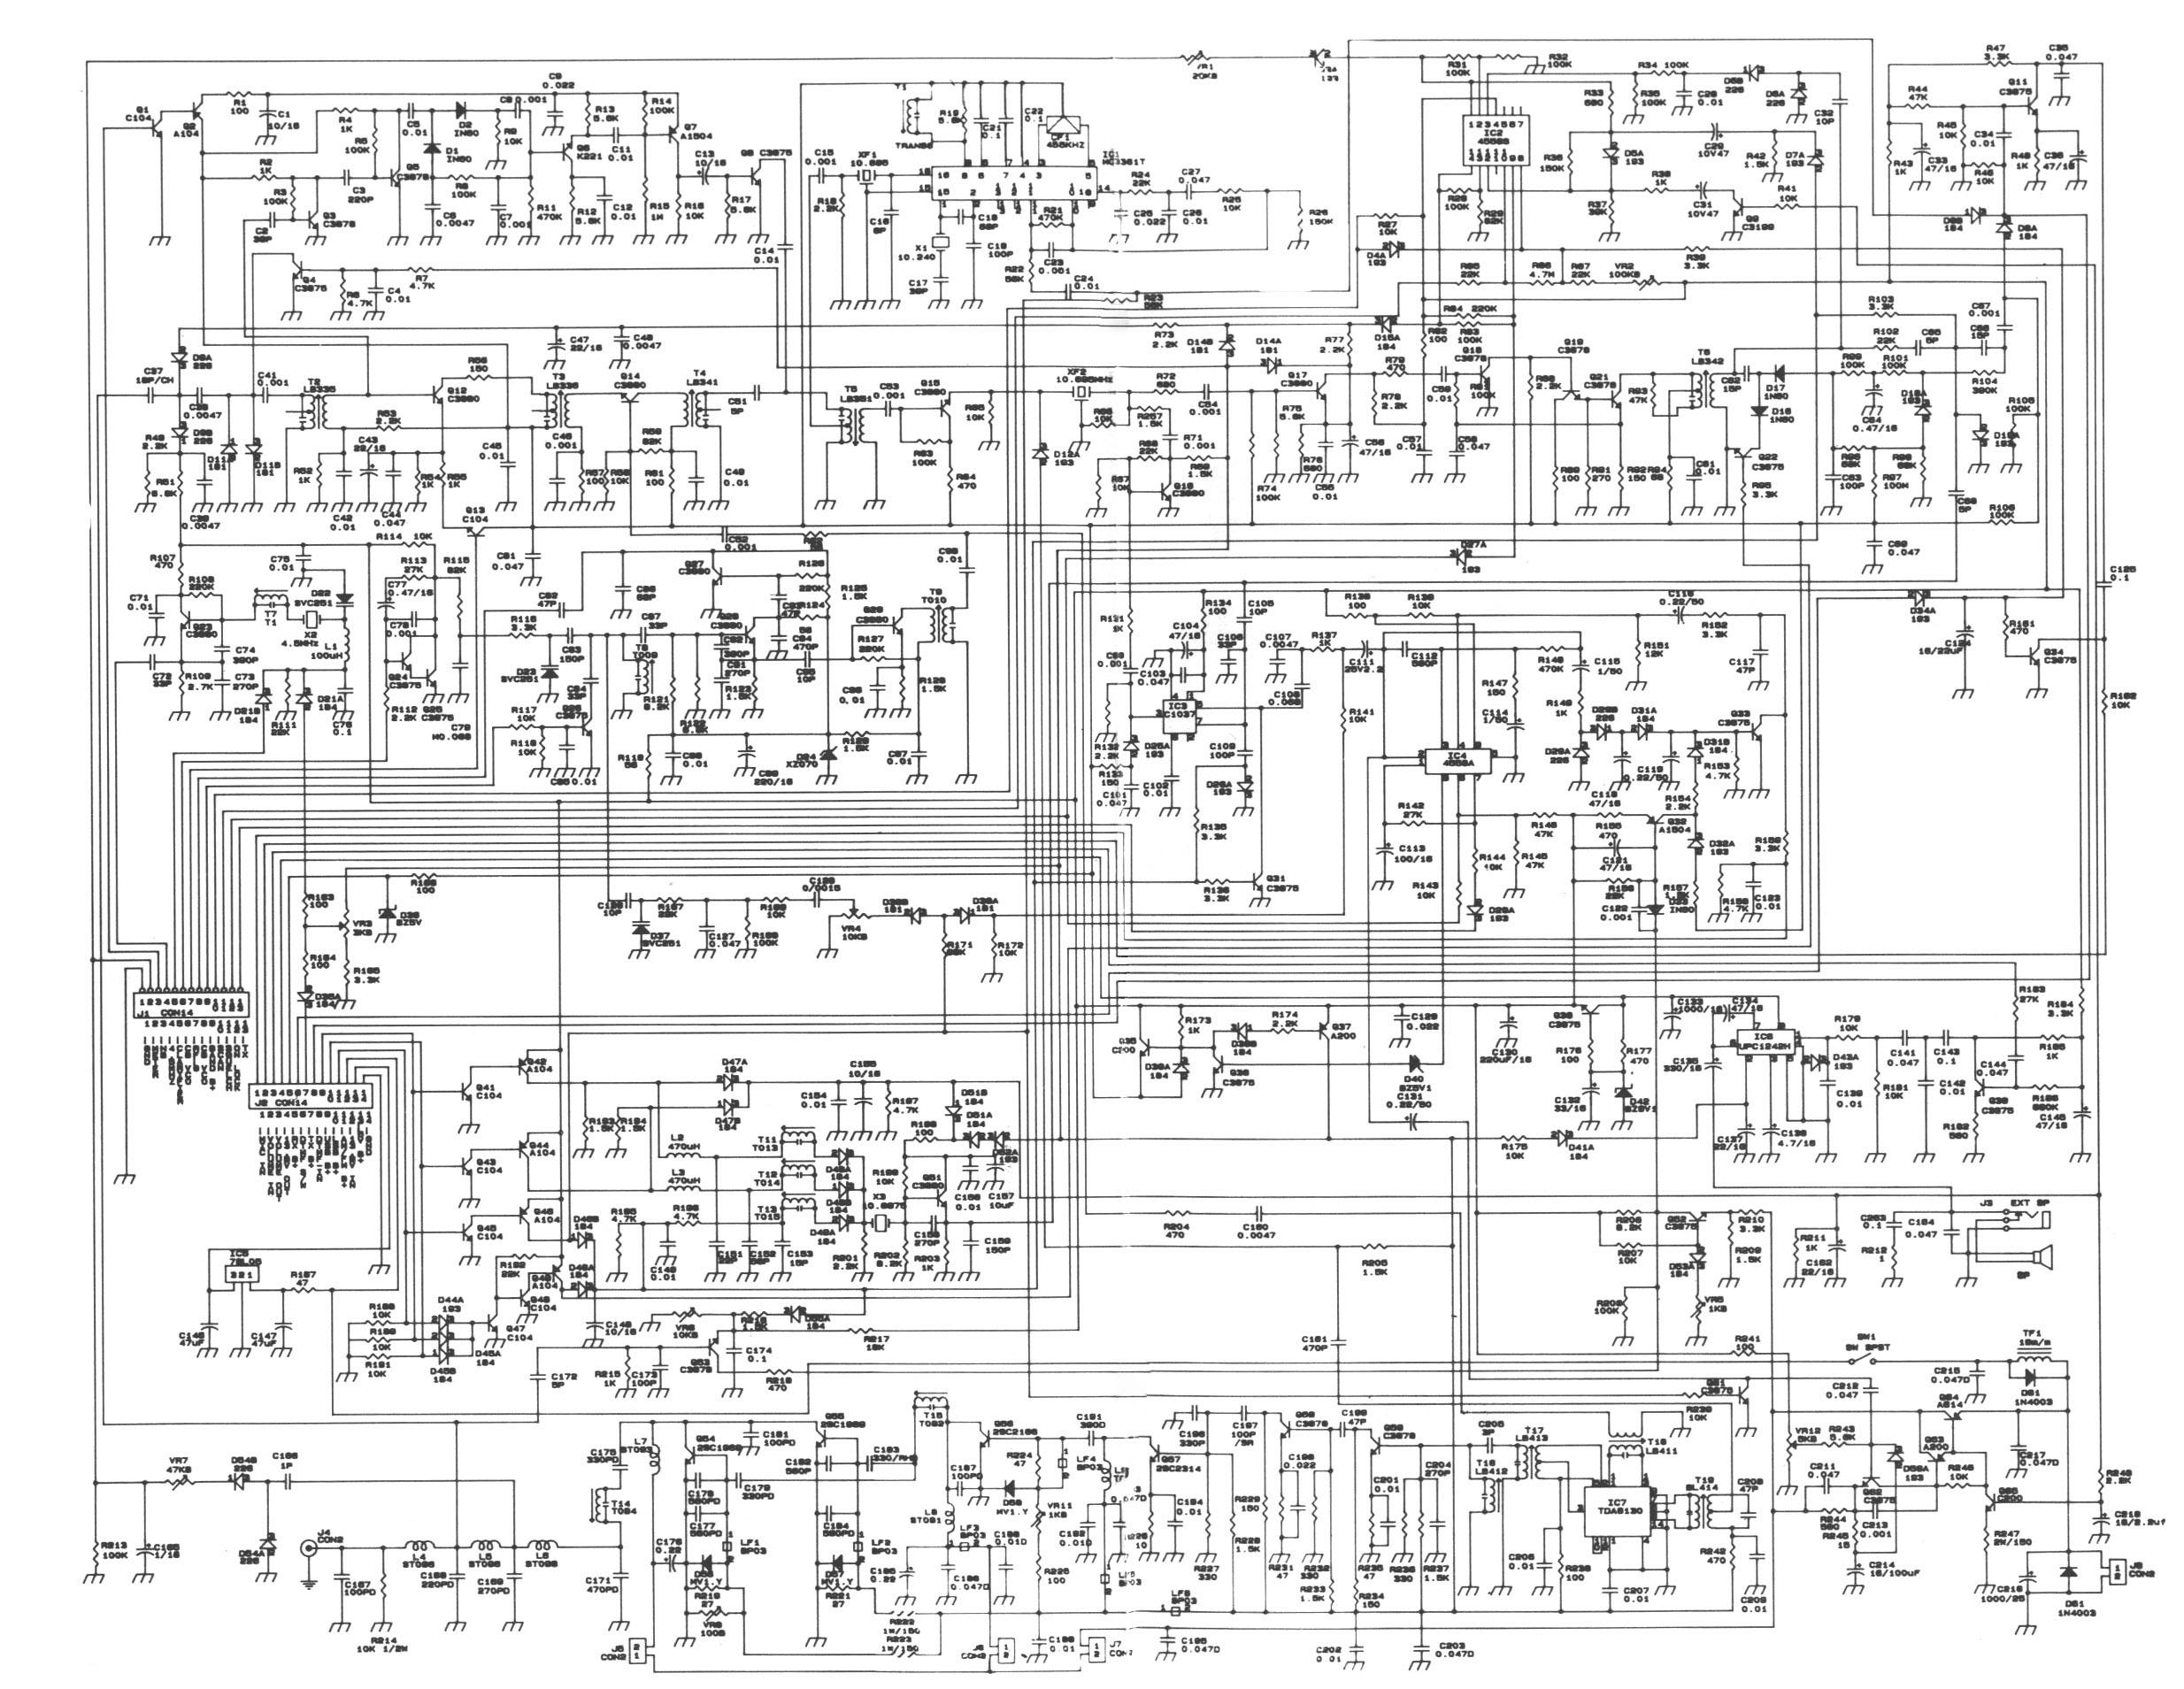 схема и настройки радиостанции мегаджет 300